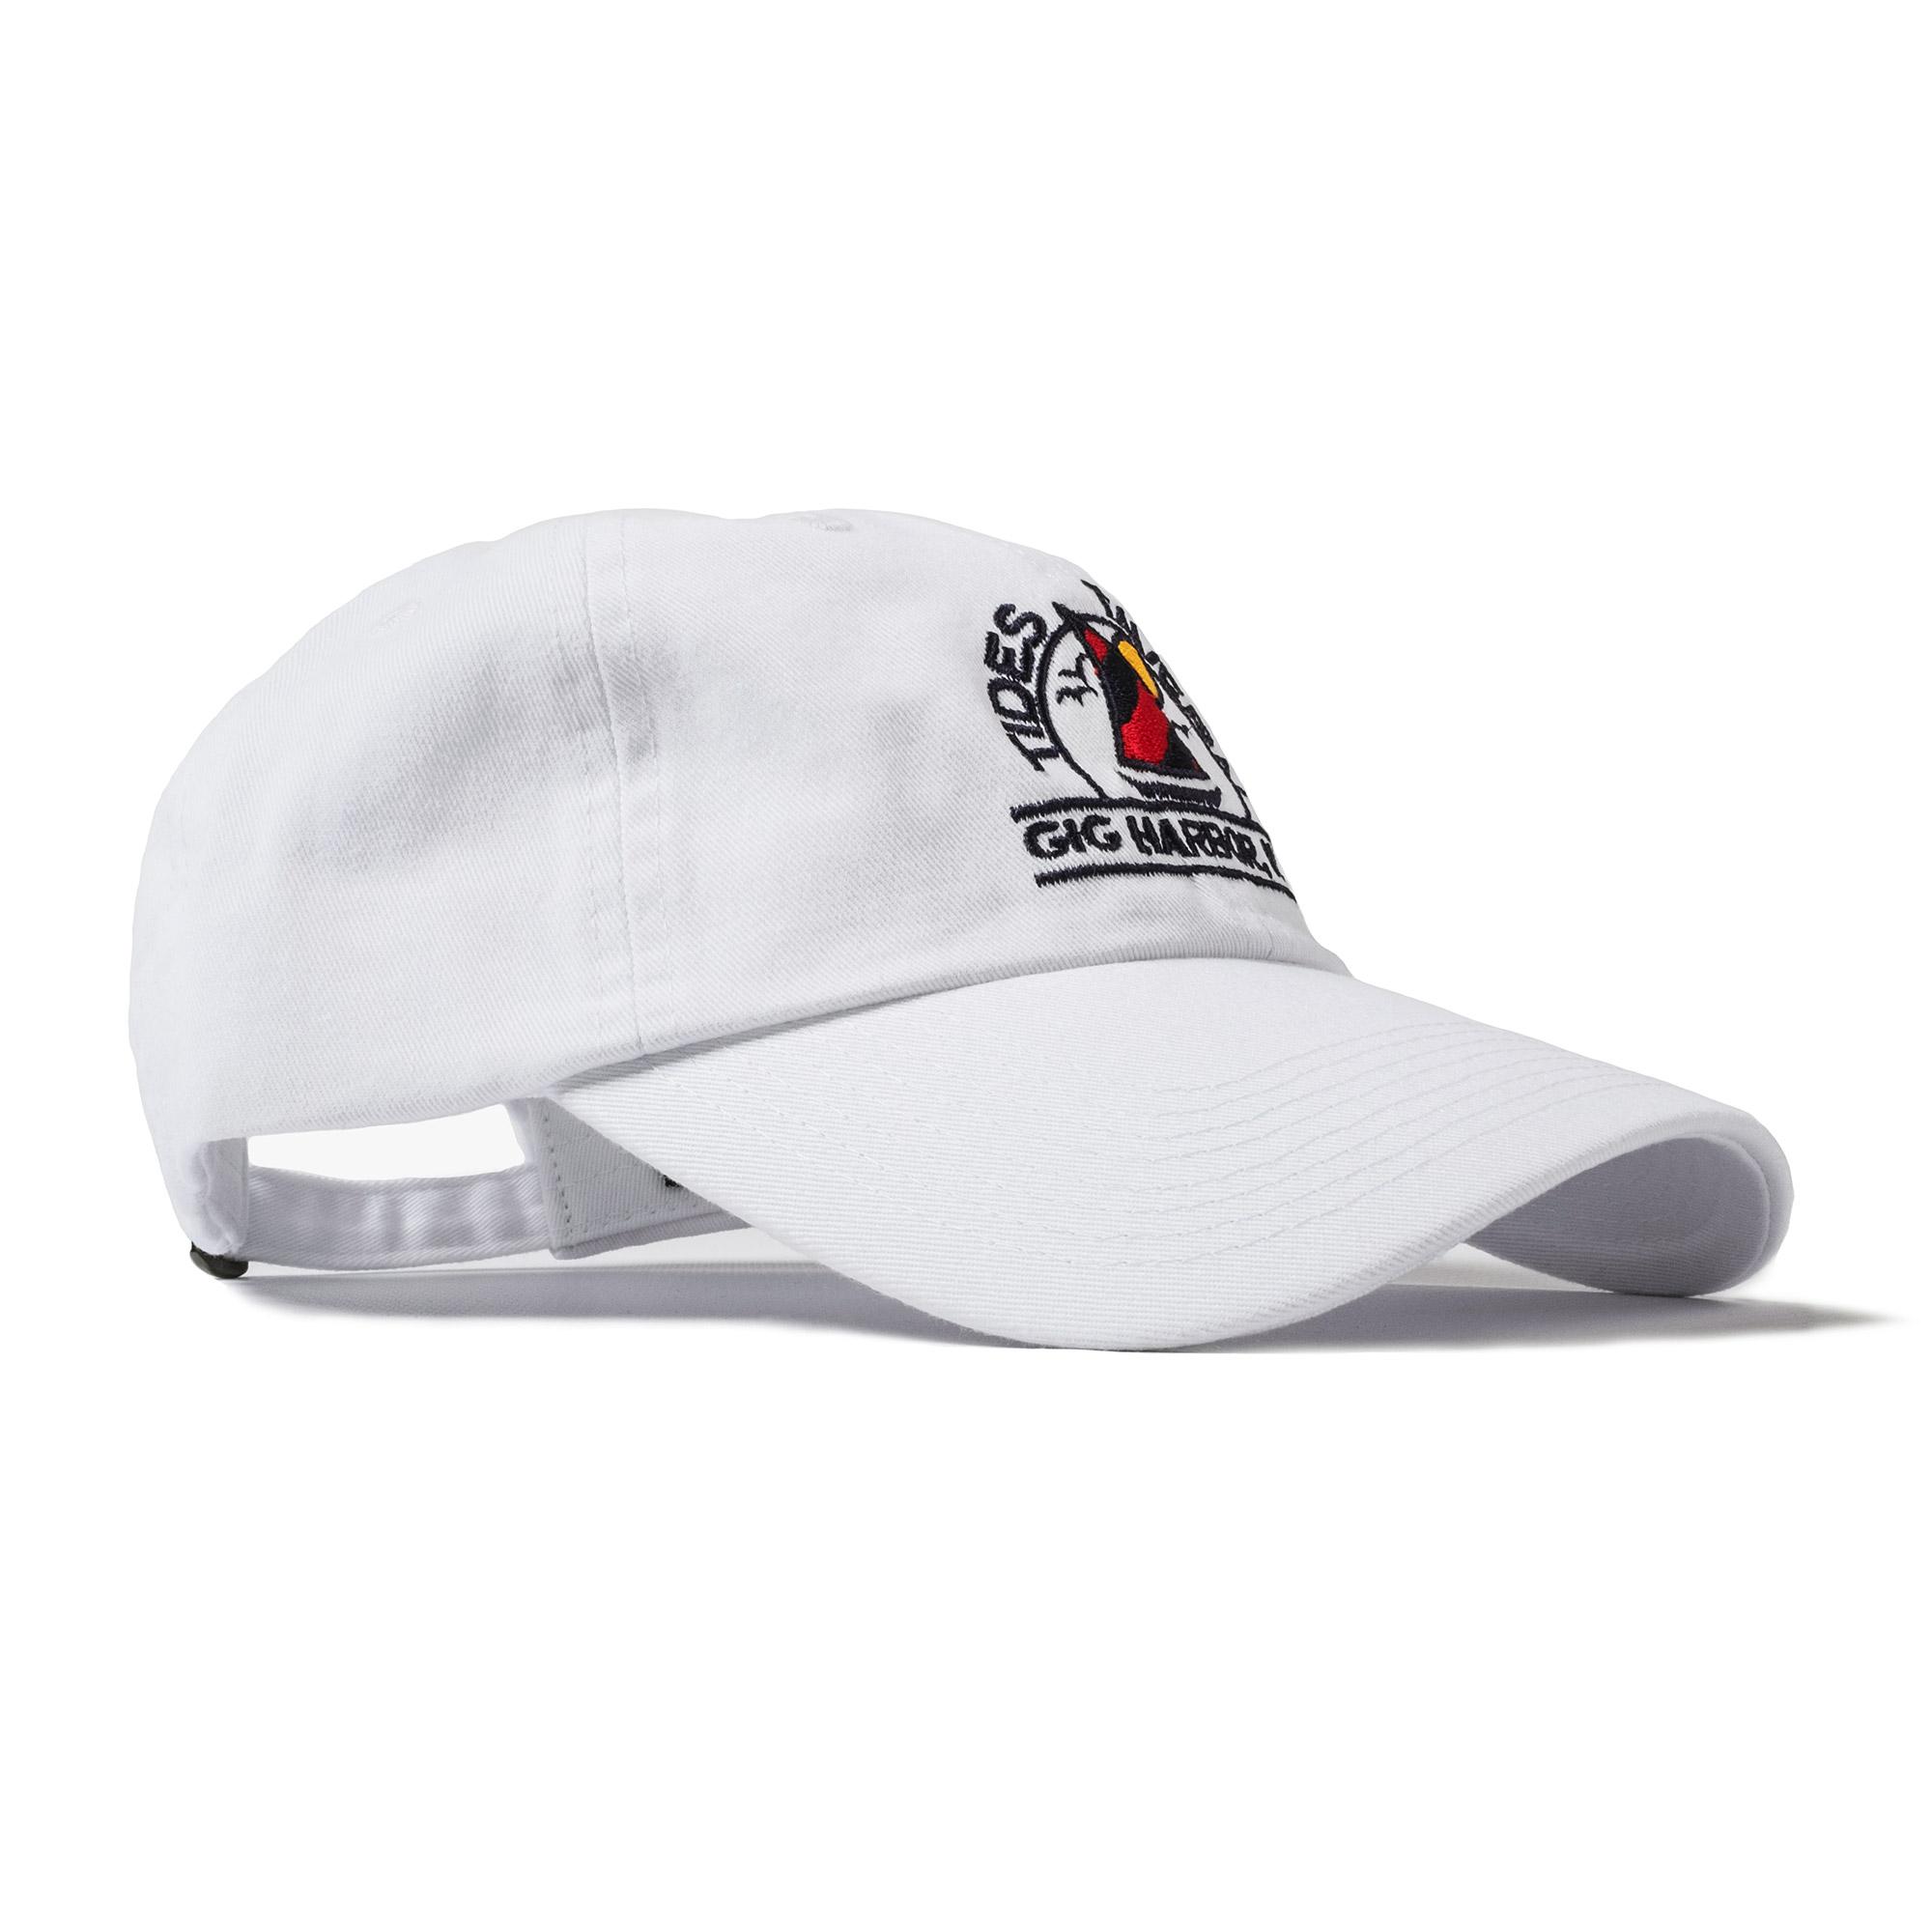 84af1242 Tides Tavern Sailboat Logo Cap - White